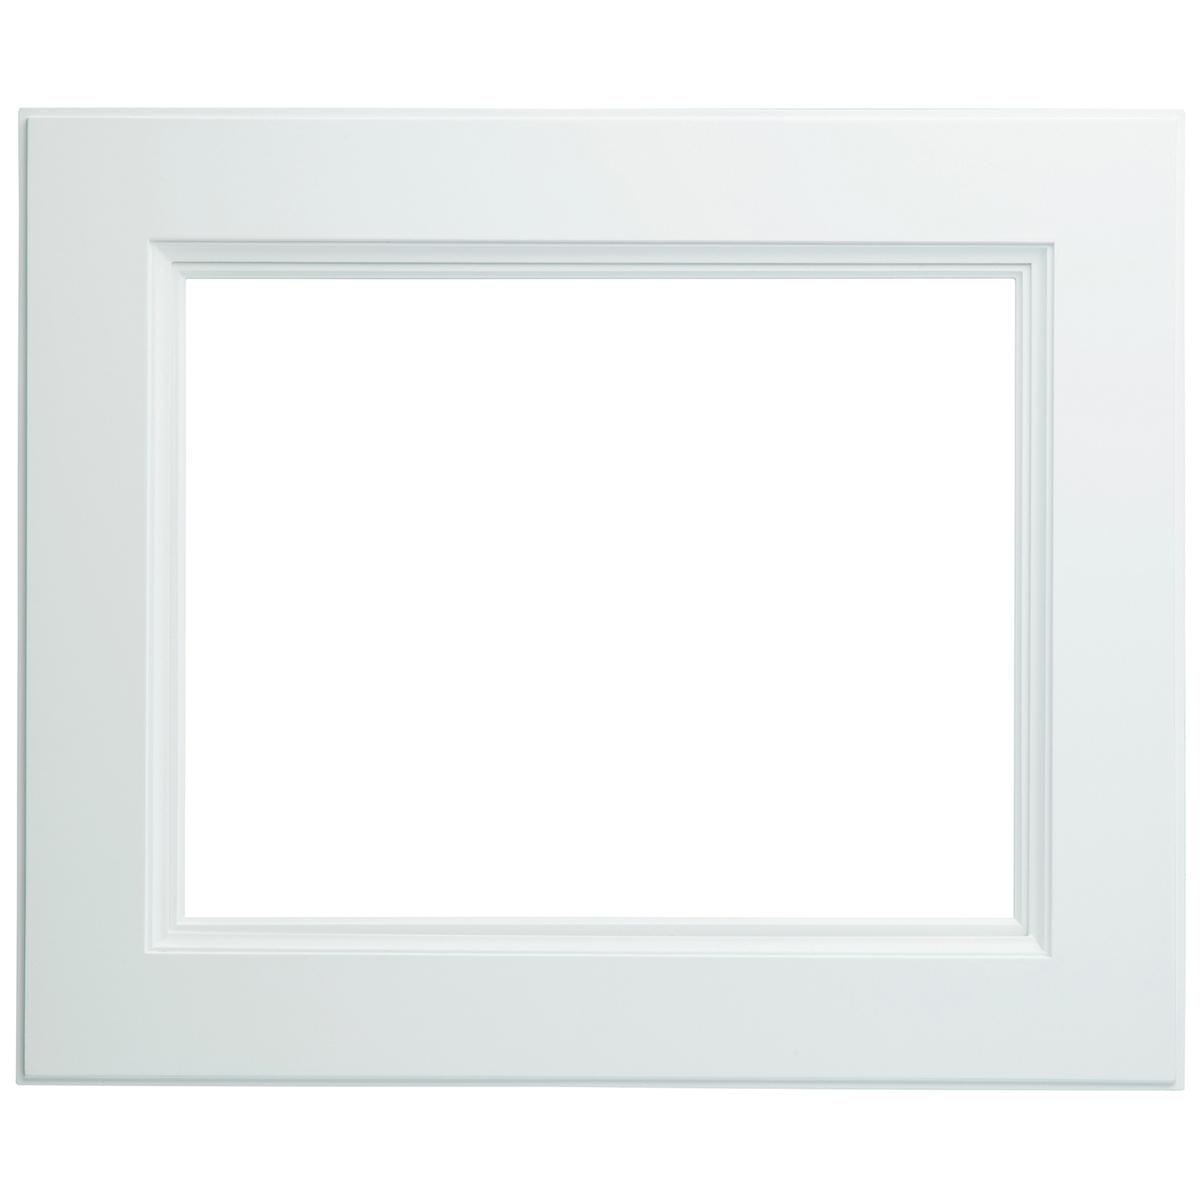 【大型便・時間指定不可】ラーソン・ジュール 油絵用額縁 A263 P20 ホワイト